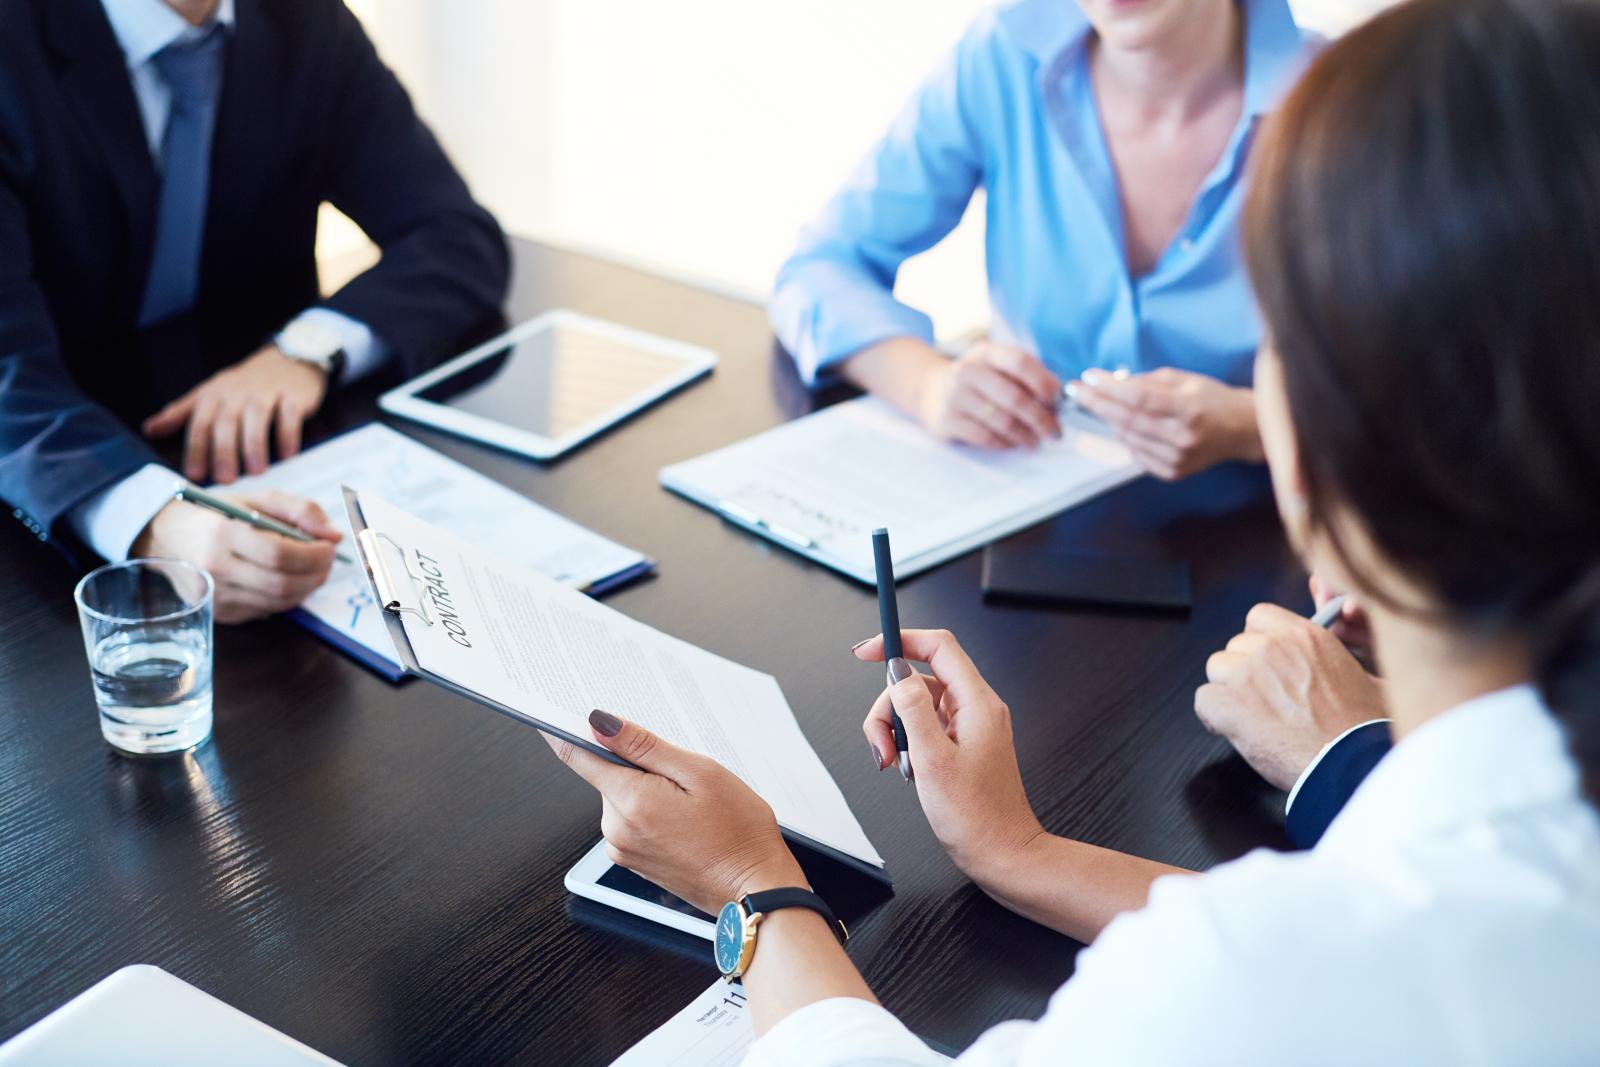 litigators discussing case